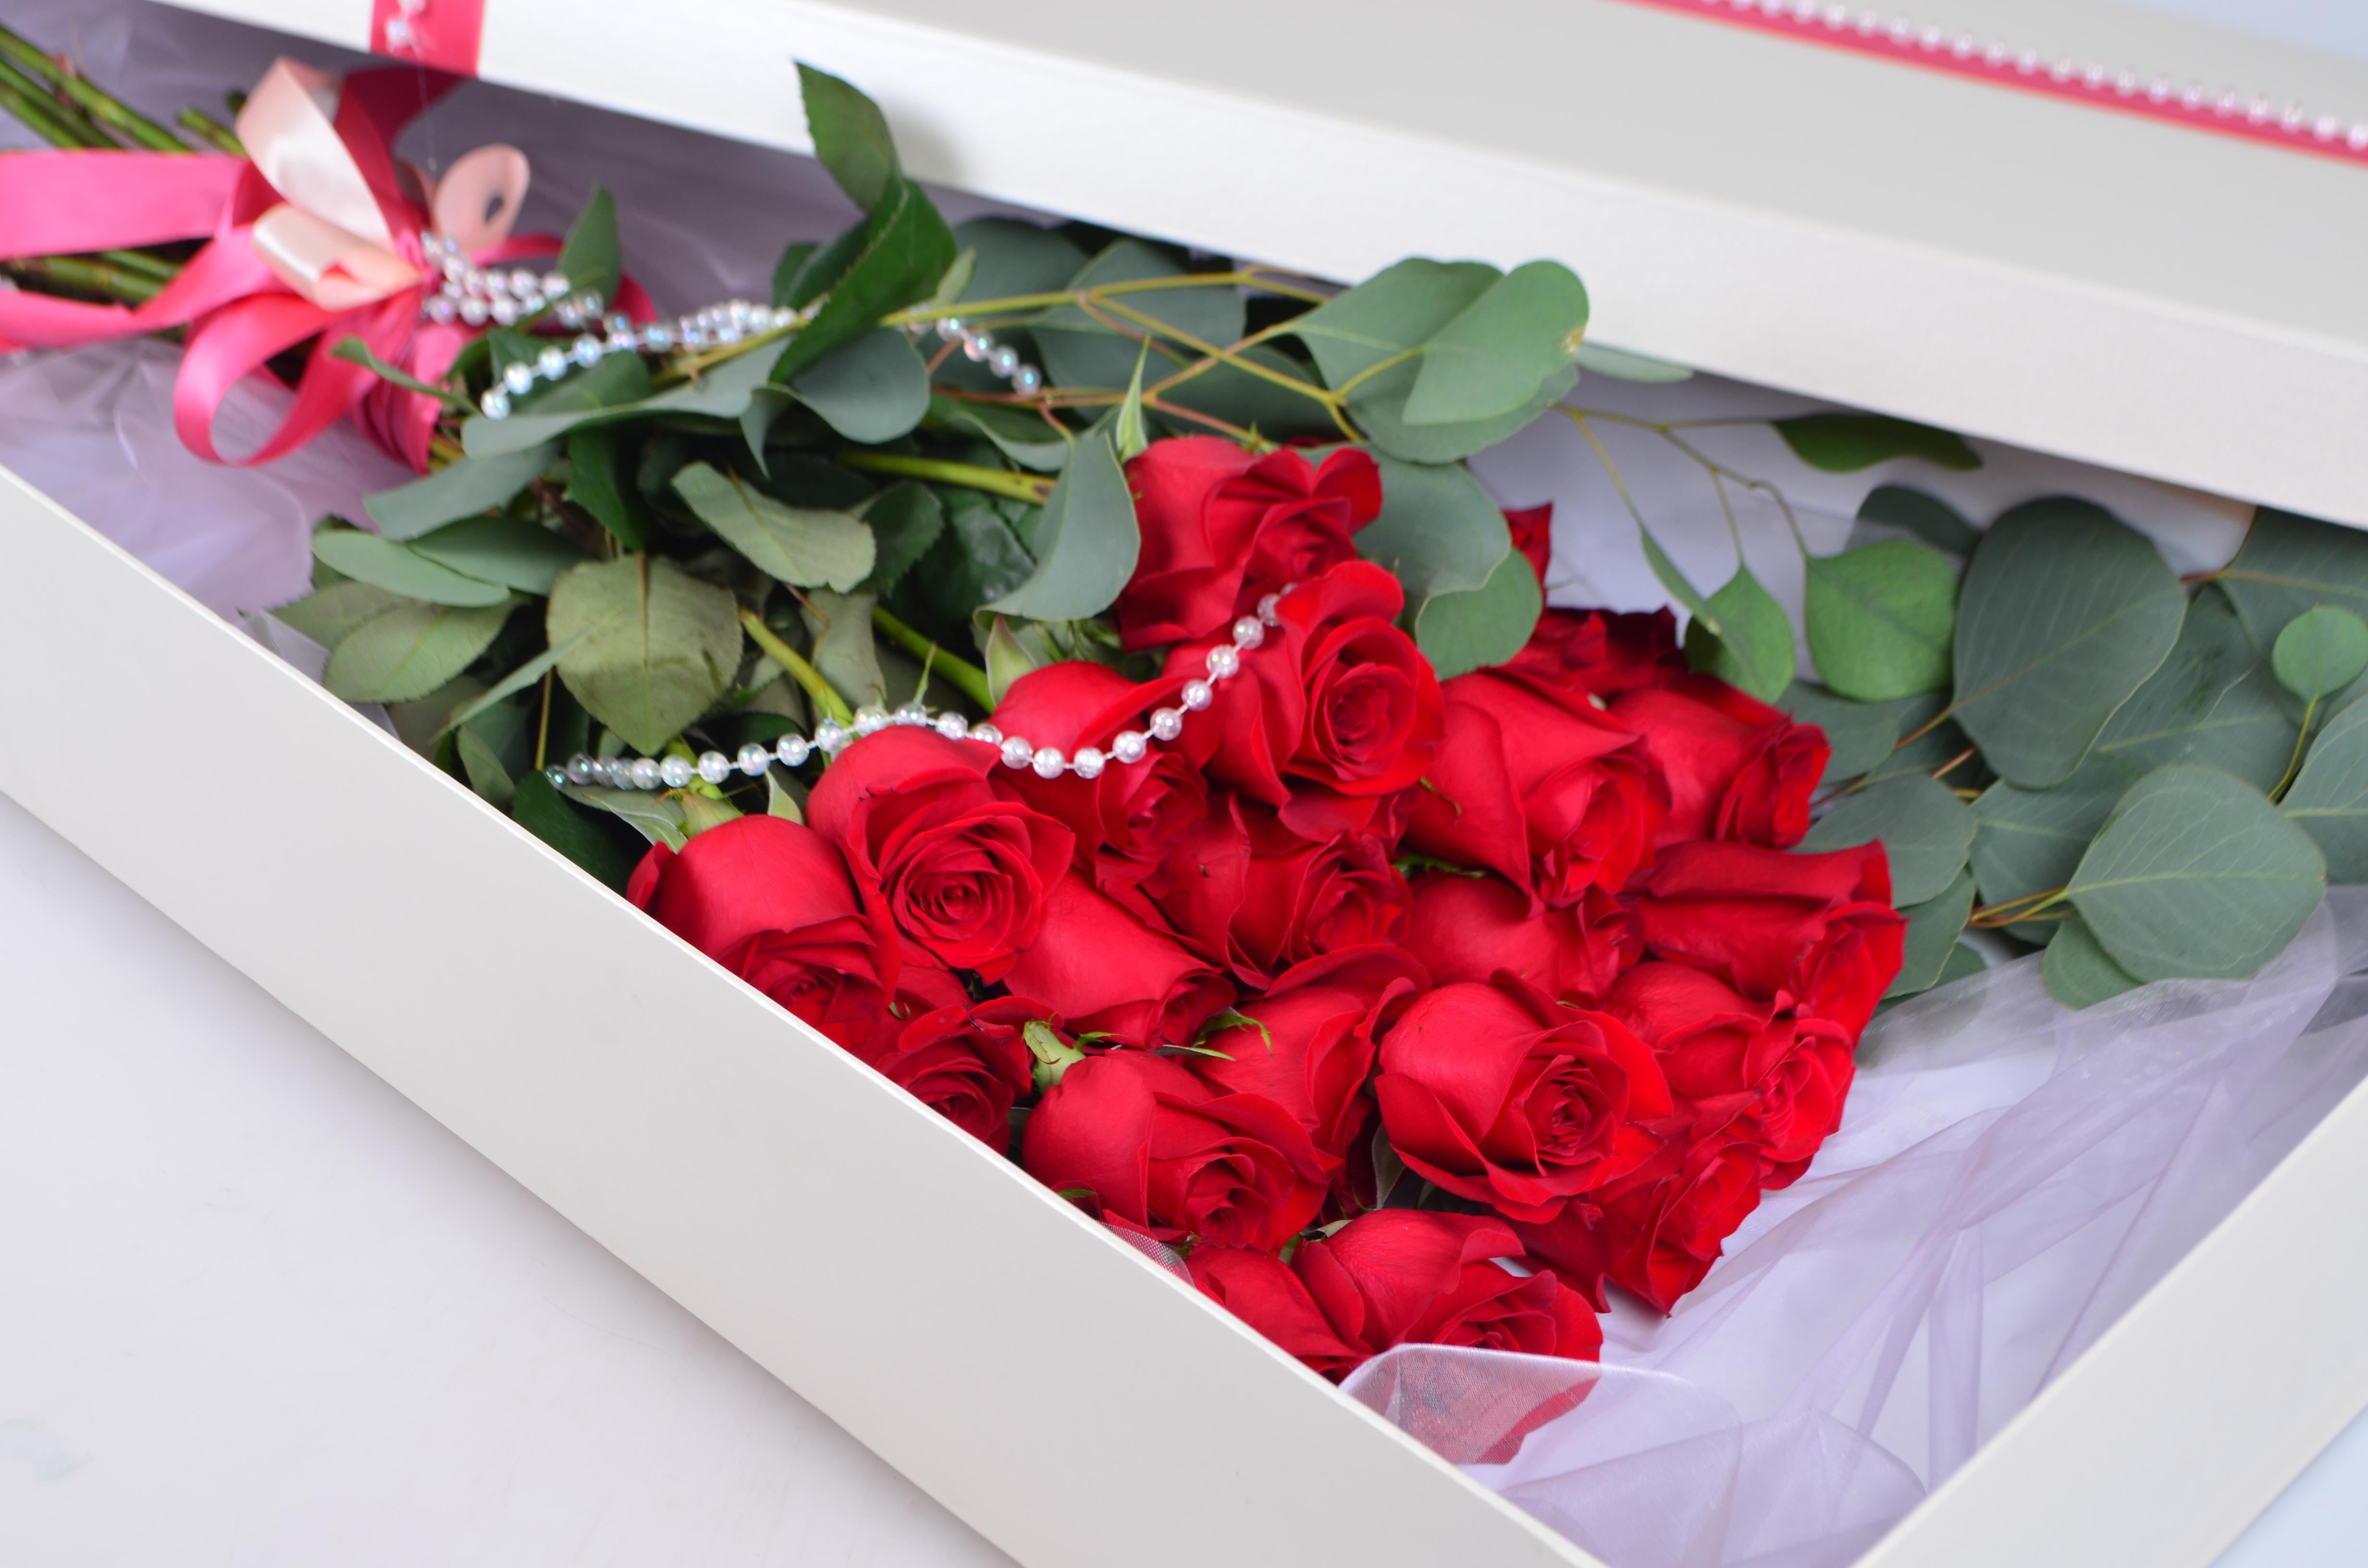 kak-vybirat-tsvety-v-podarok2019-02-13